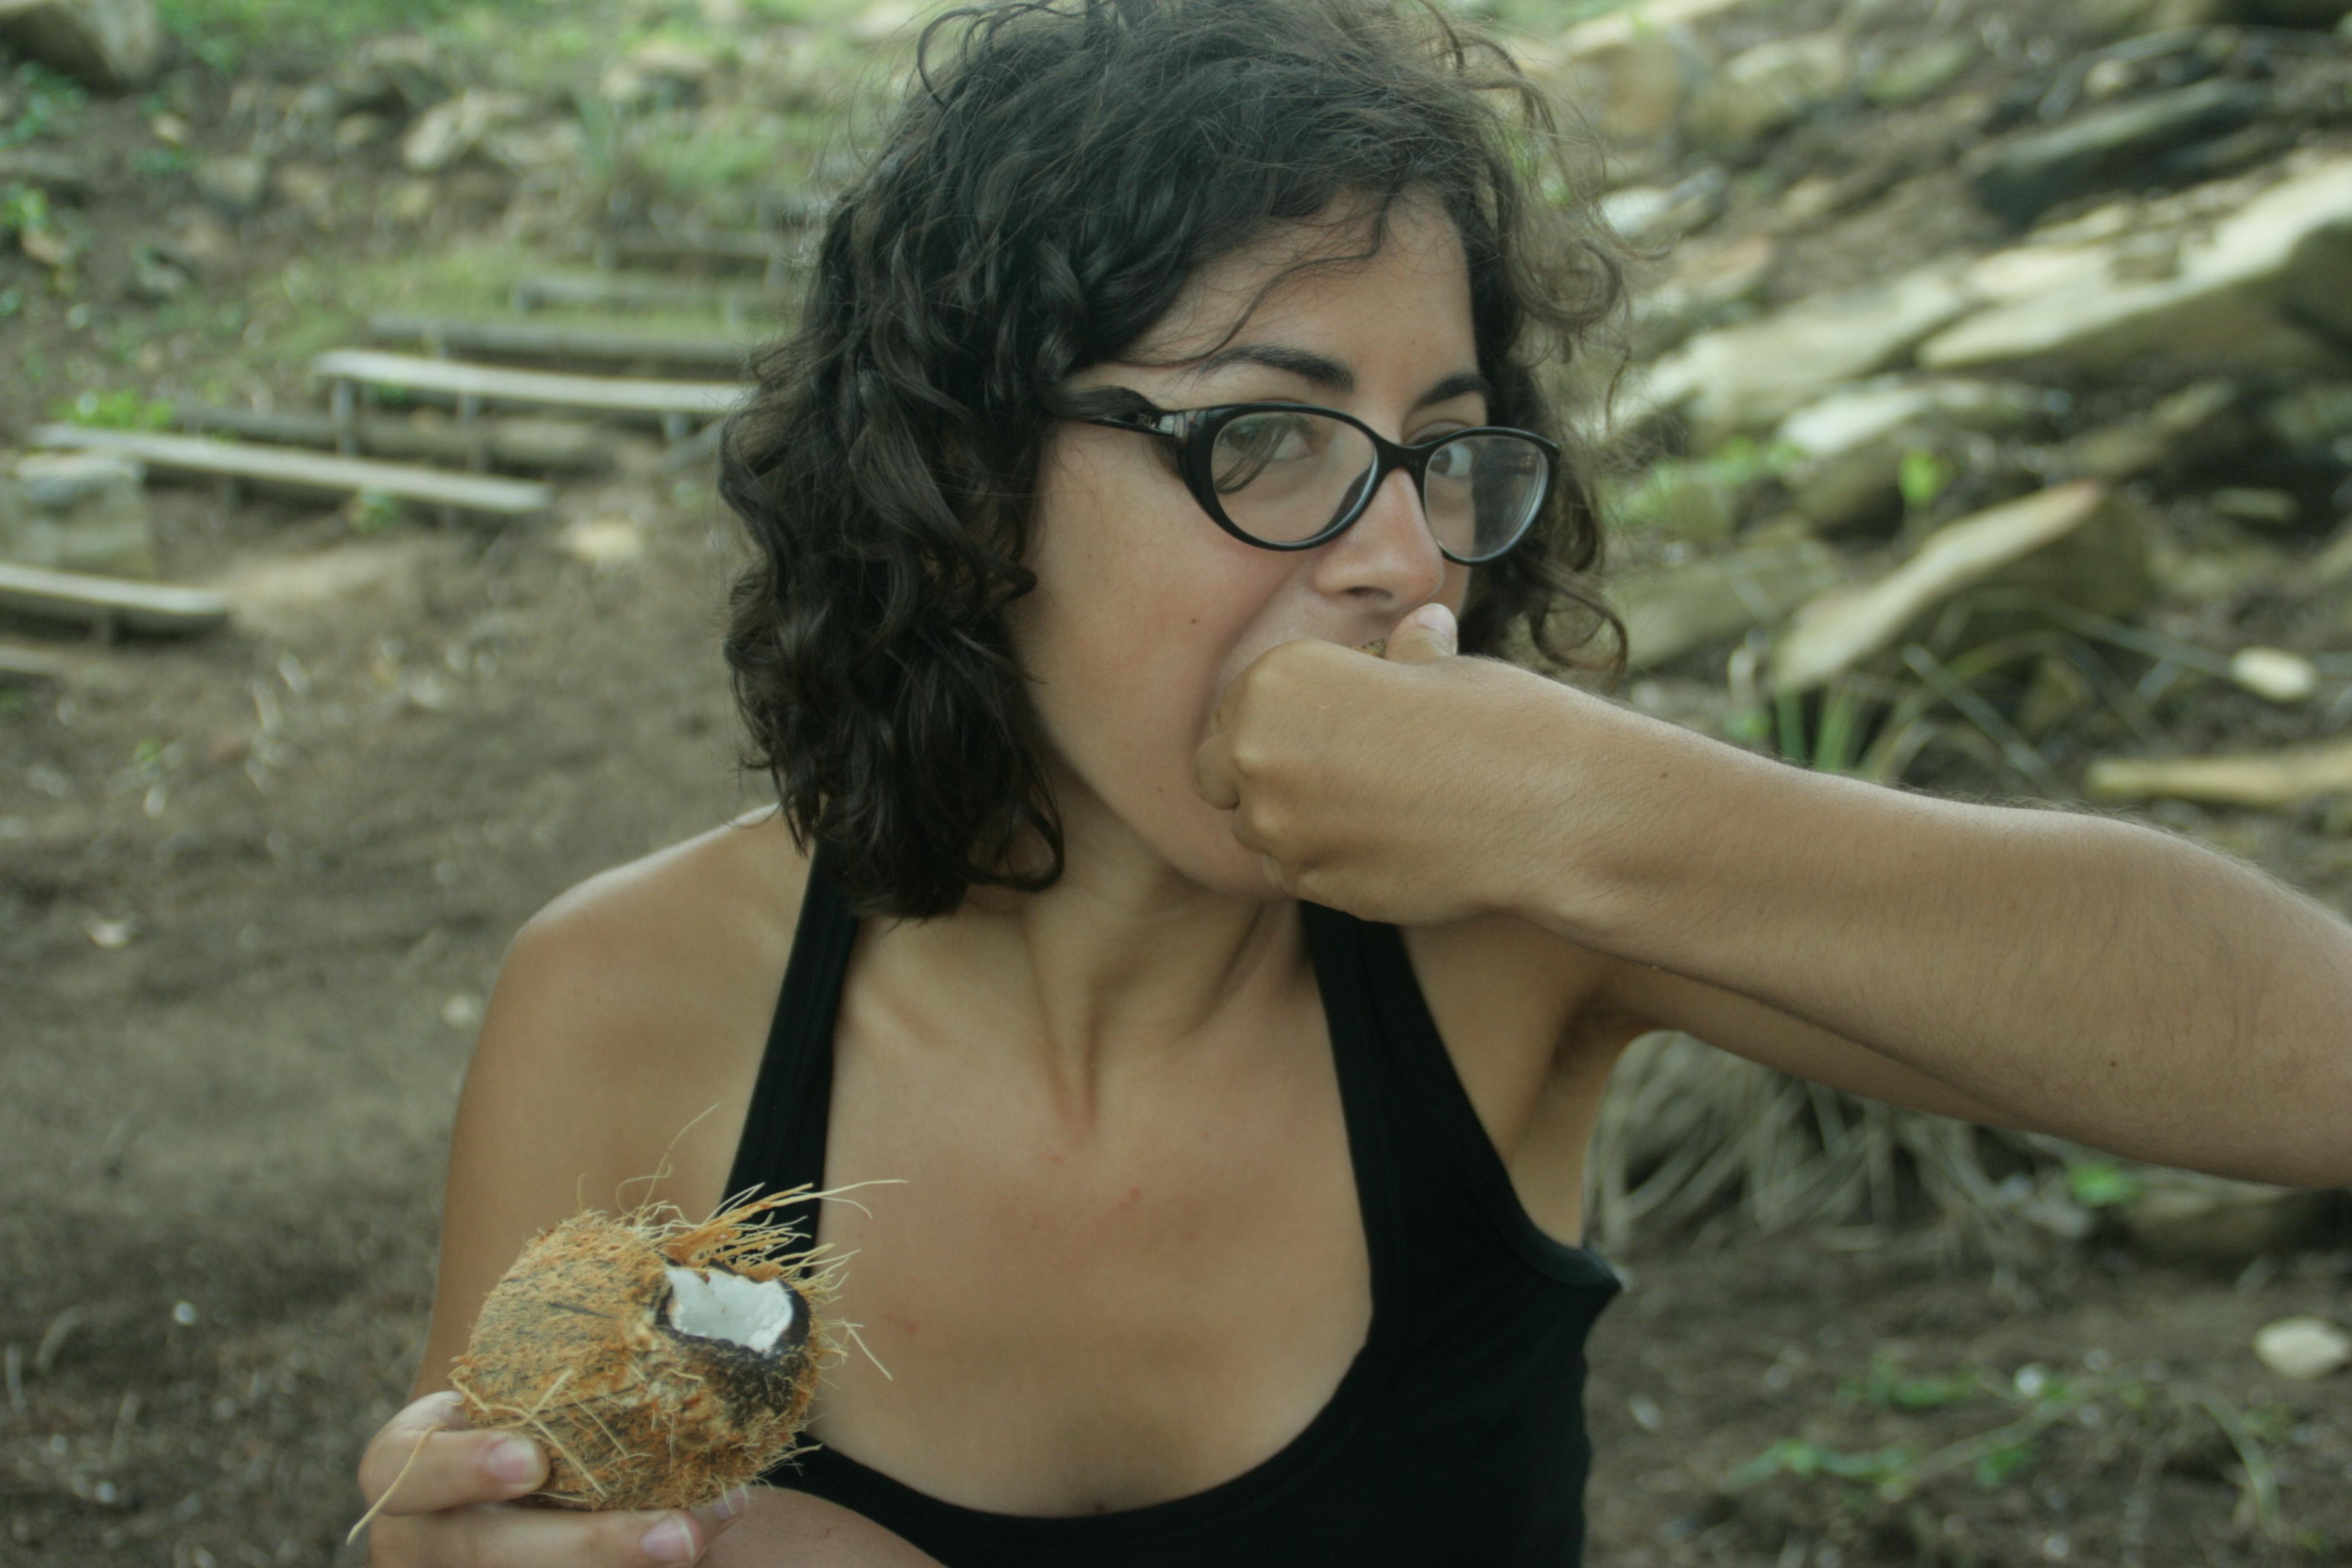 Com obrir i menjar-se un coco 12